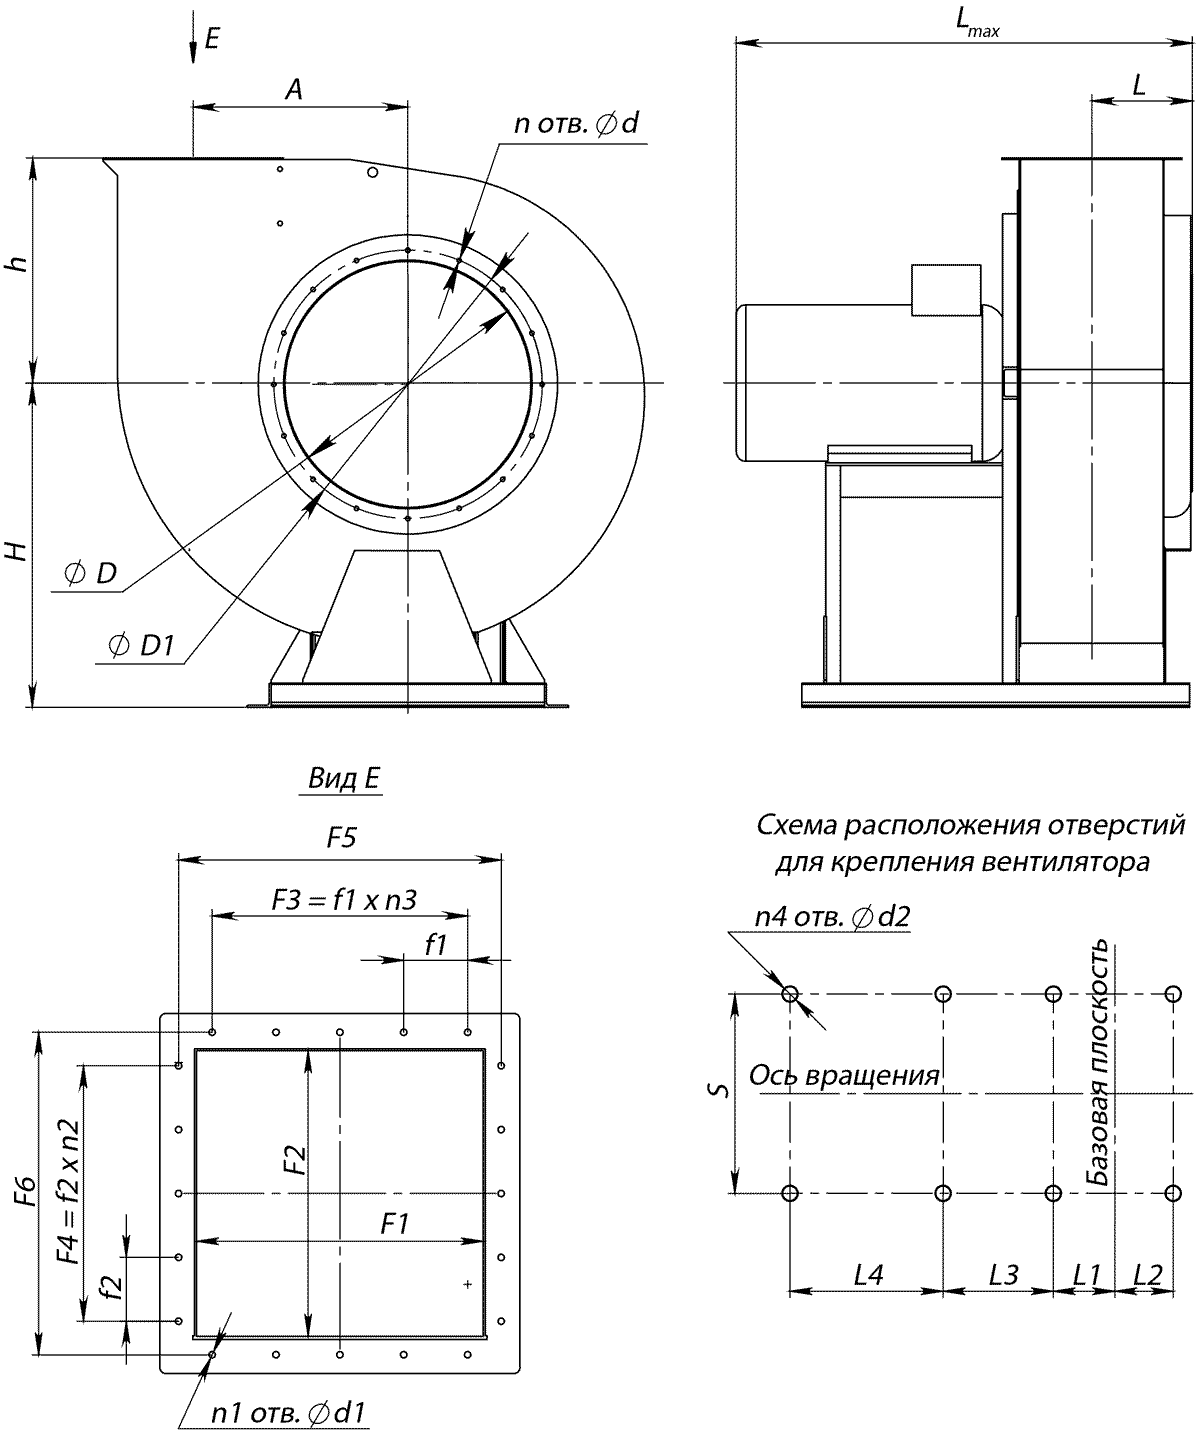 Габаритно-присоединительные размеры вентилятора ВР 80-75-6.3 исполнение 1